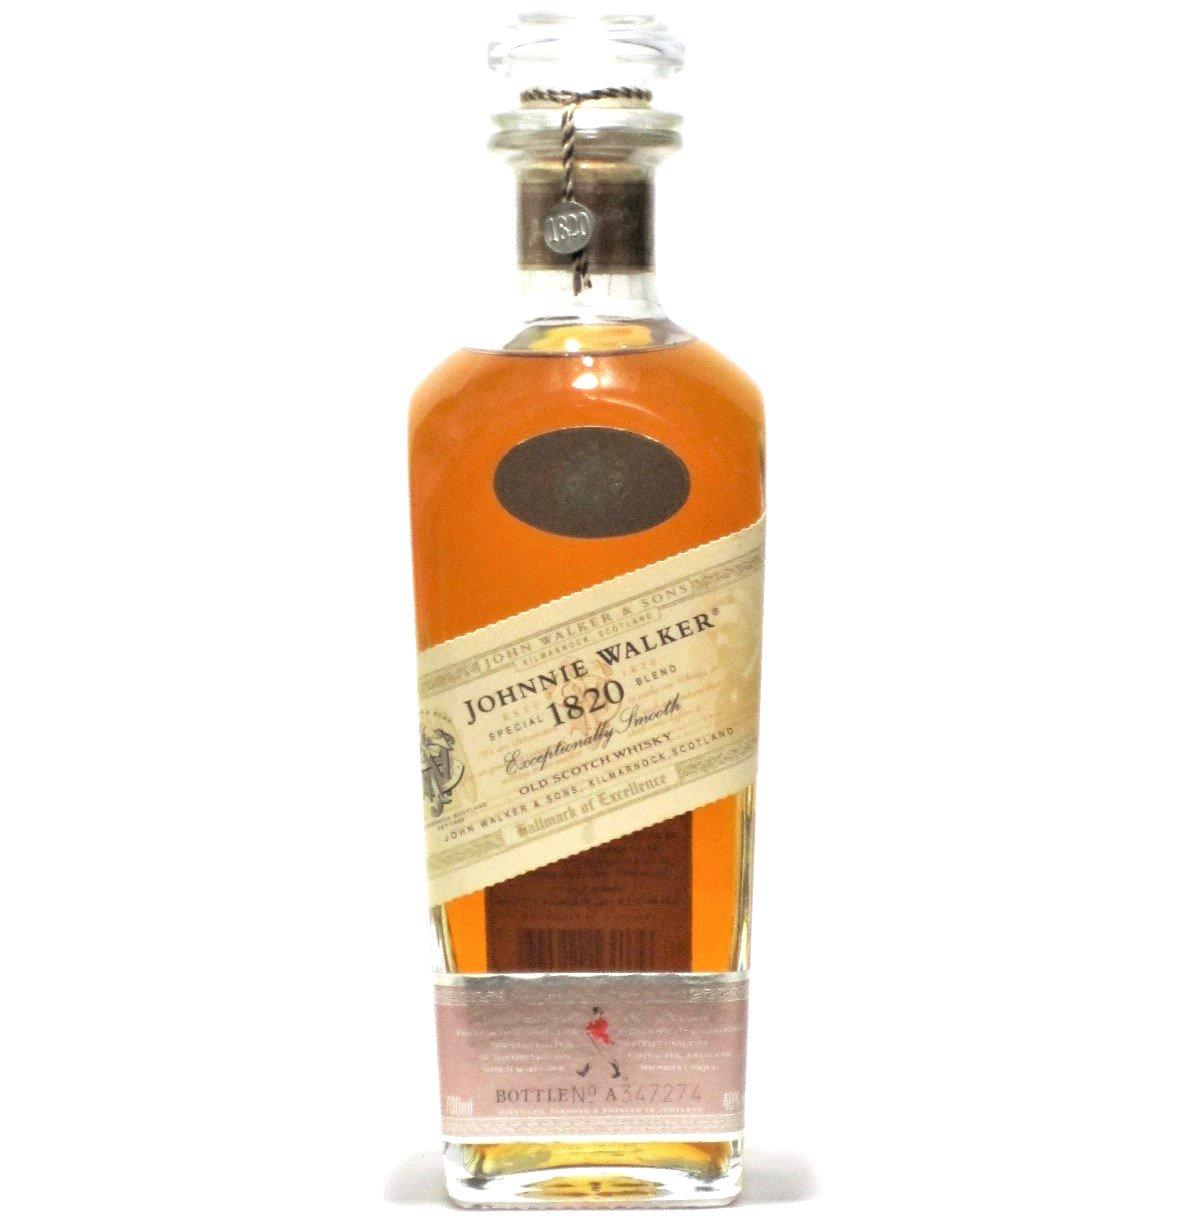 [古酒] ジョニーウォーカー 1820 スペシャルブレンド 正規品 40度 700ml